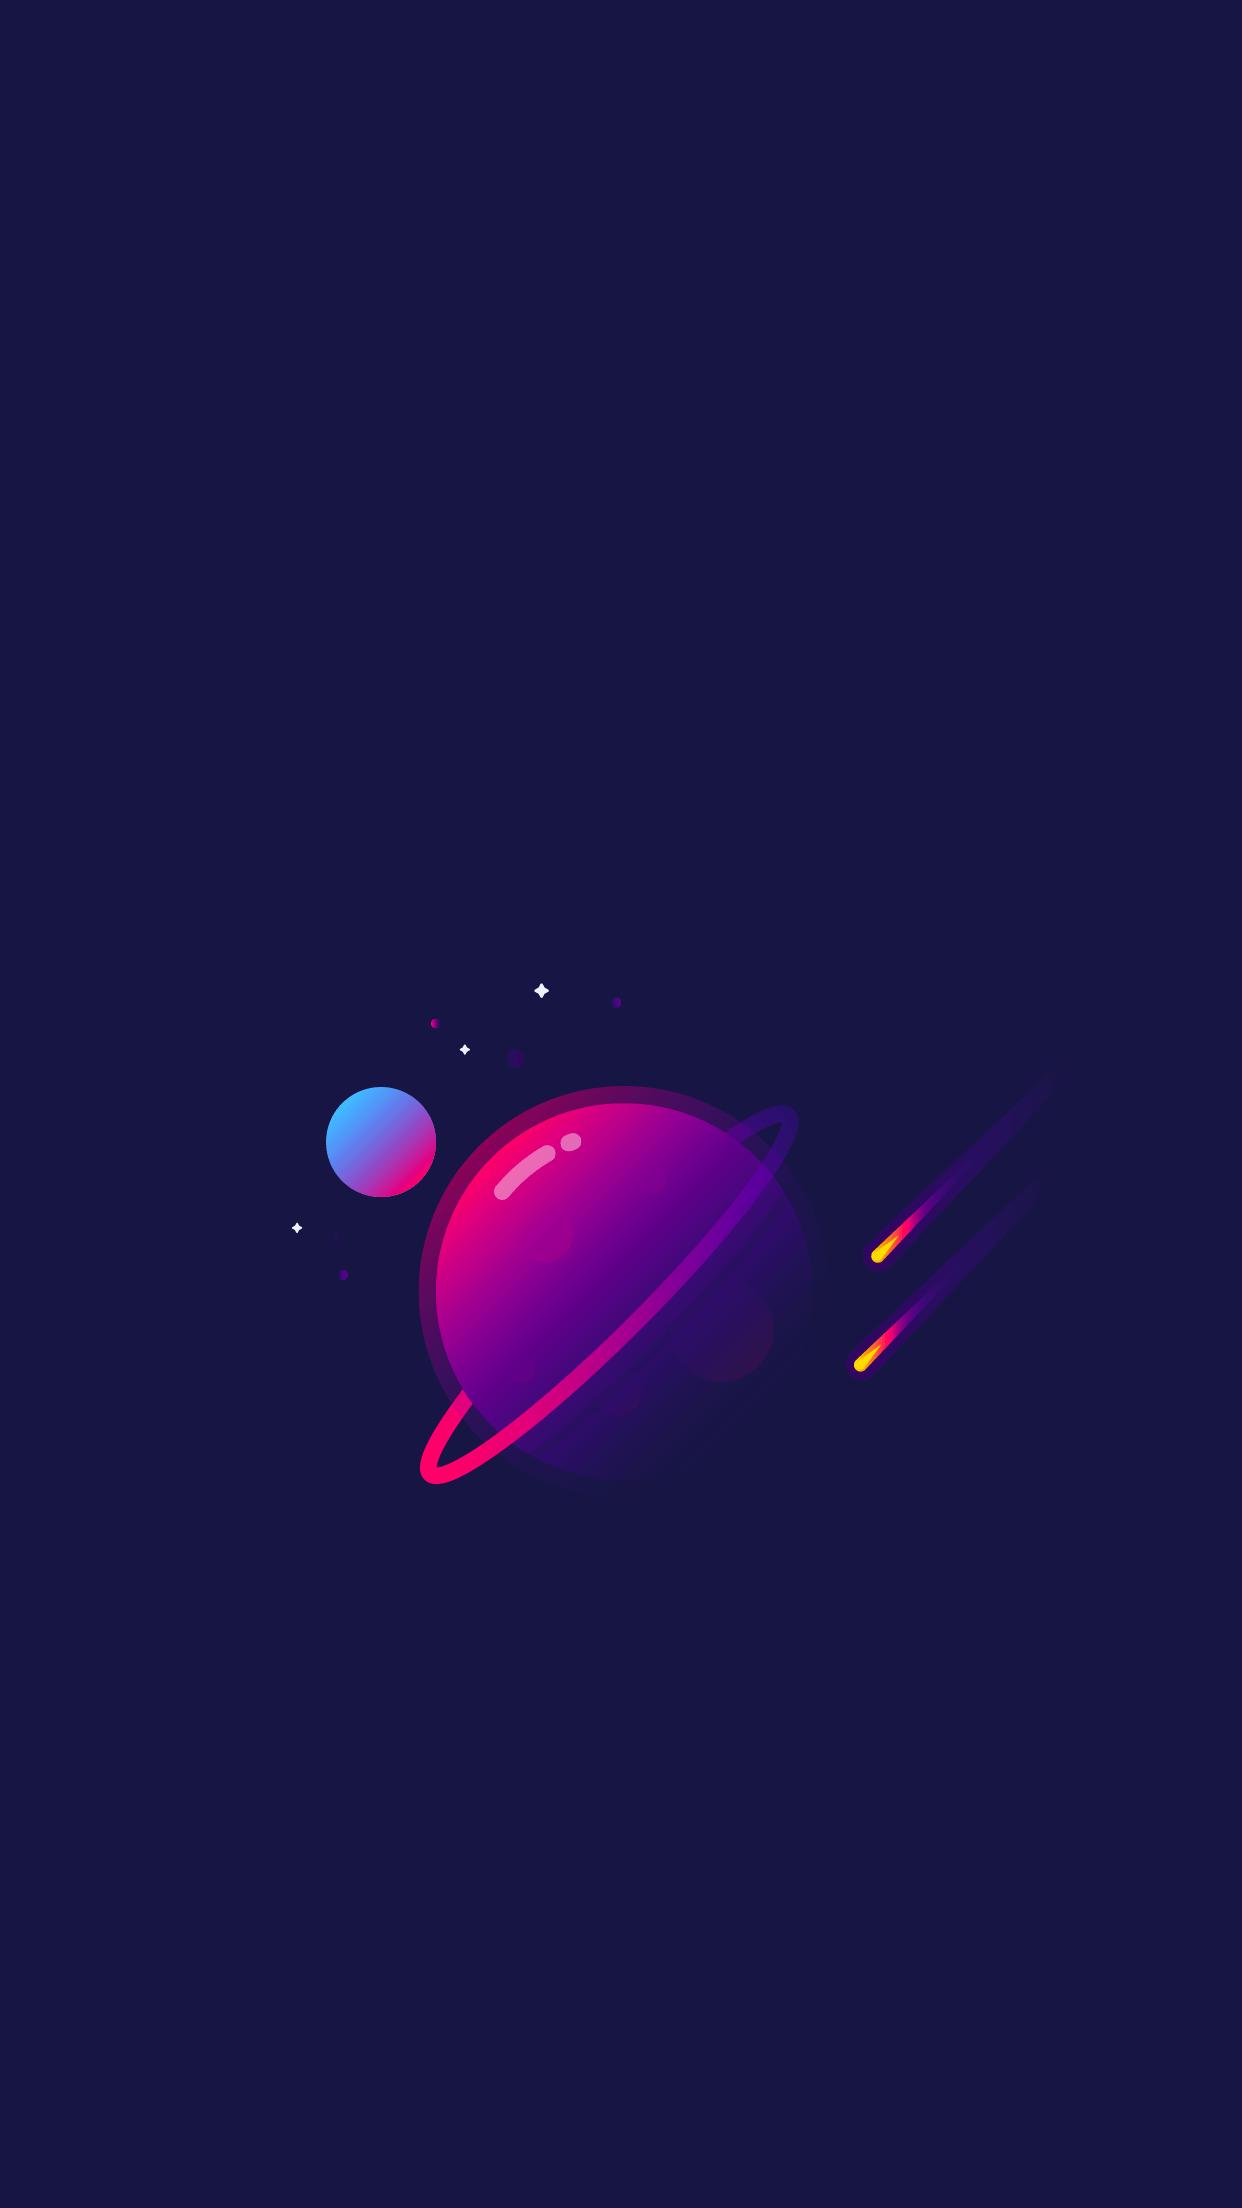 hình nền vũ trụ cute